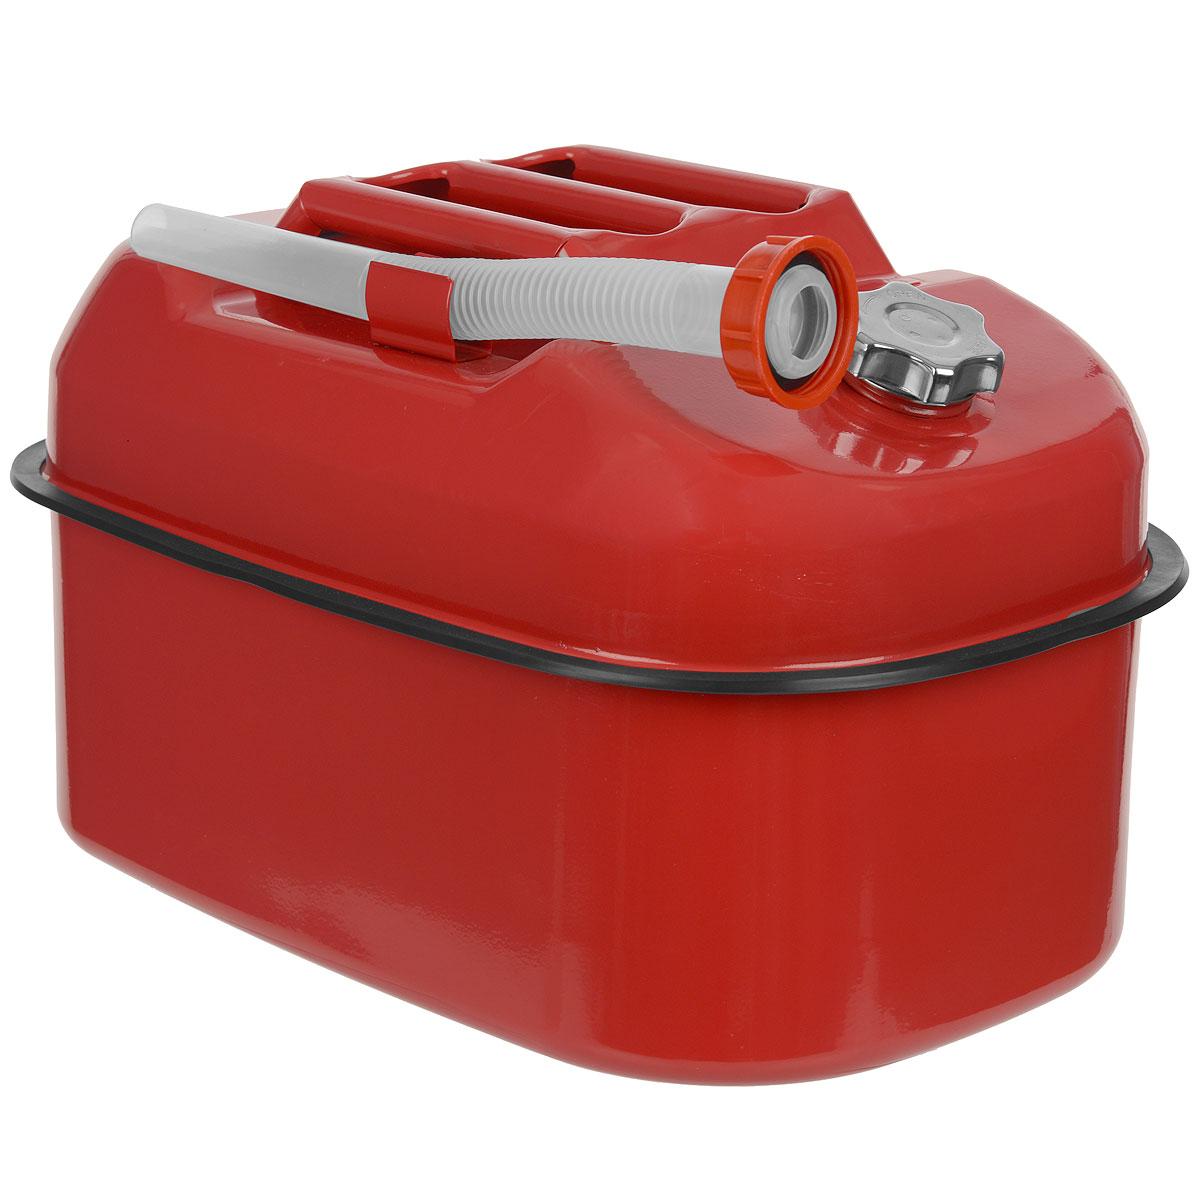 Канистра стальная Autoprofi, горизонтальная, 20 л канистра для топлива dollex с носиком 10 л